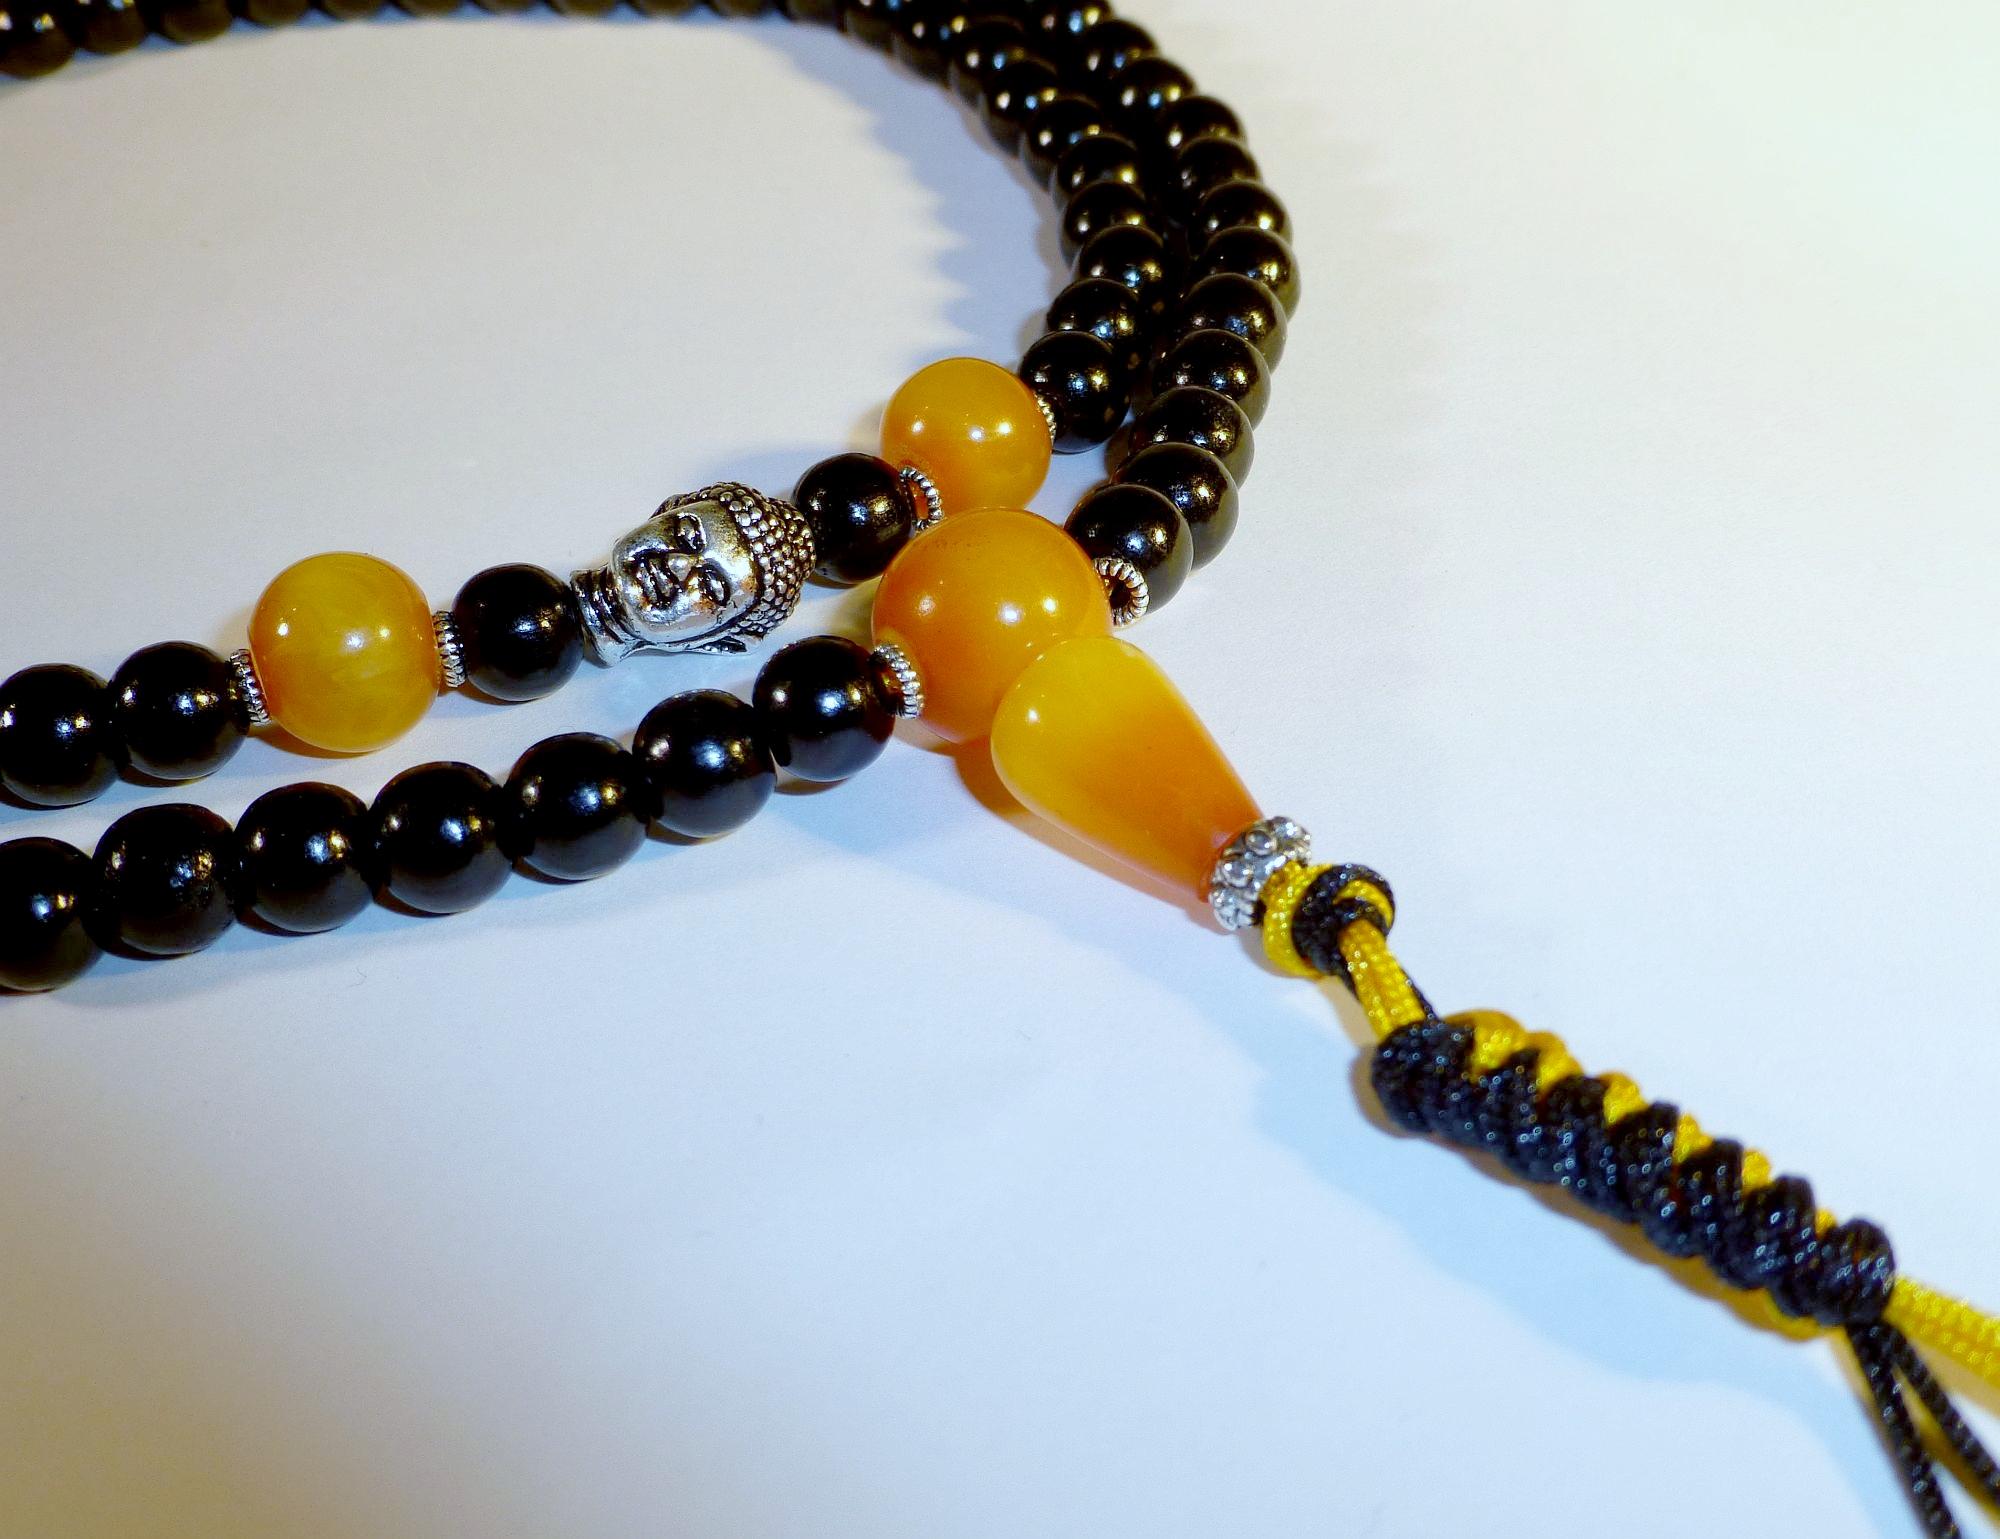 Mala-schwarz-gelb-lang-2_ji